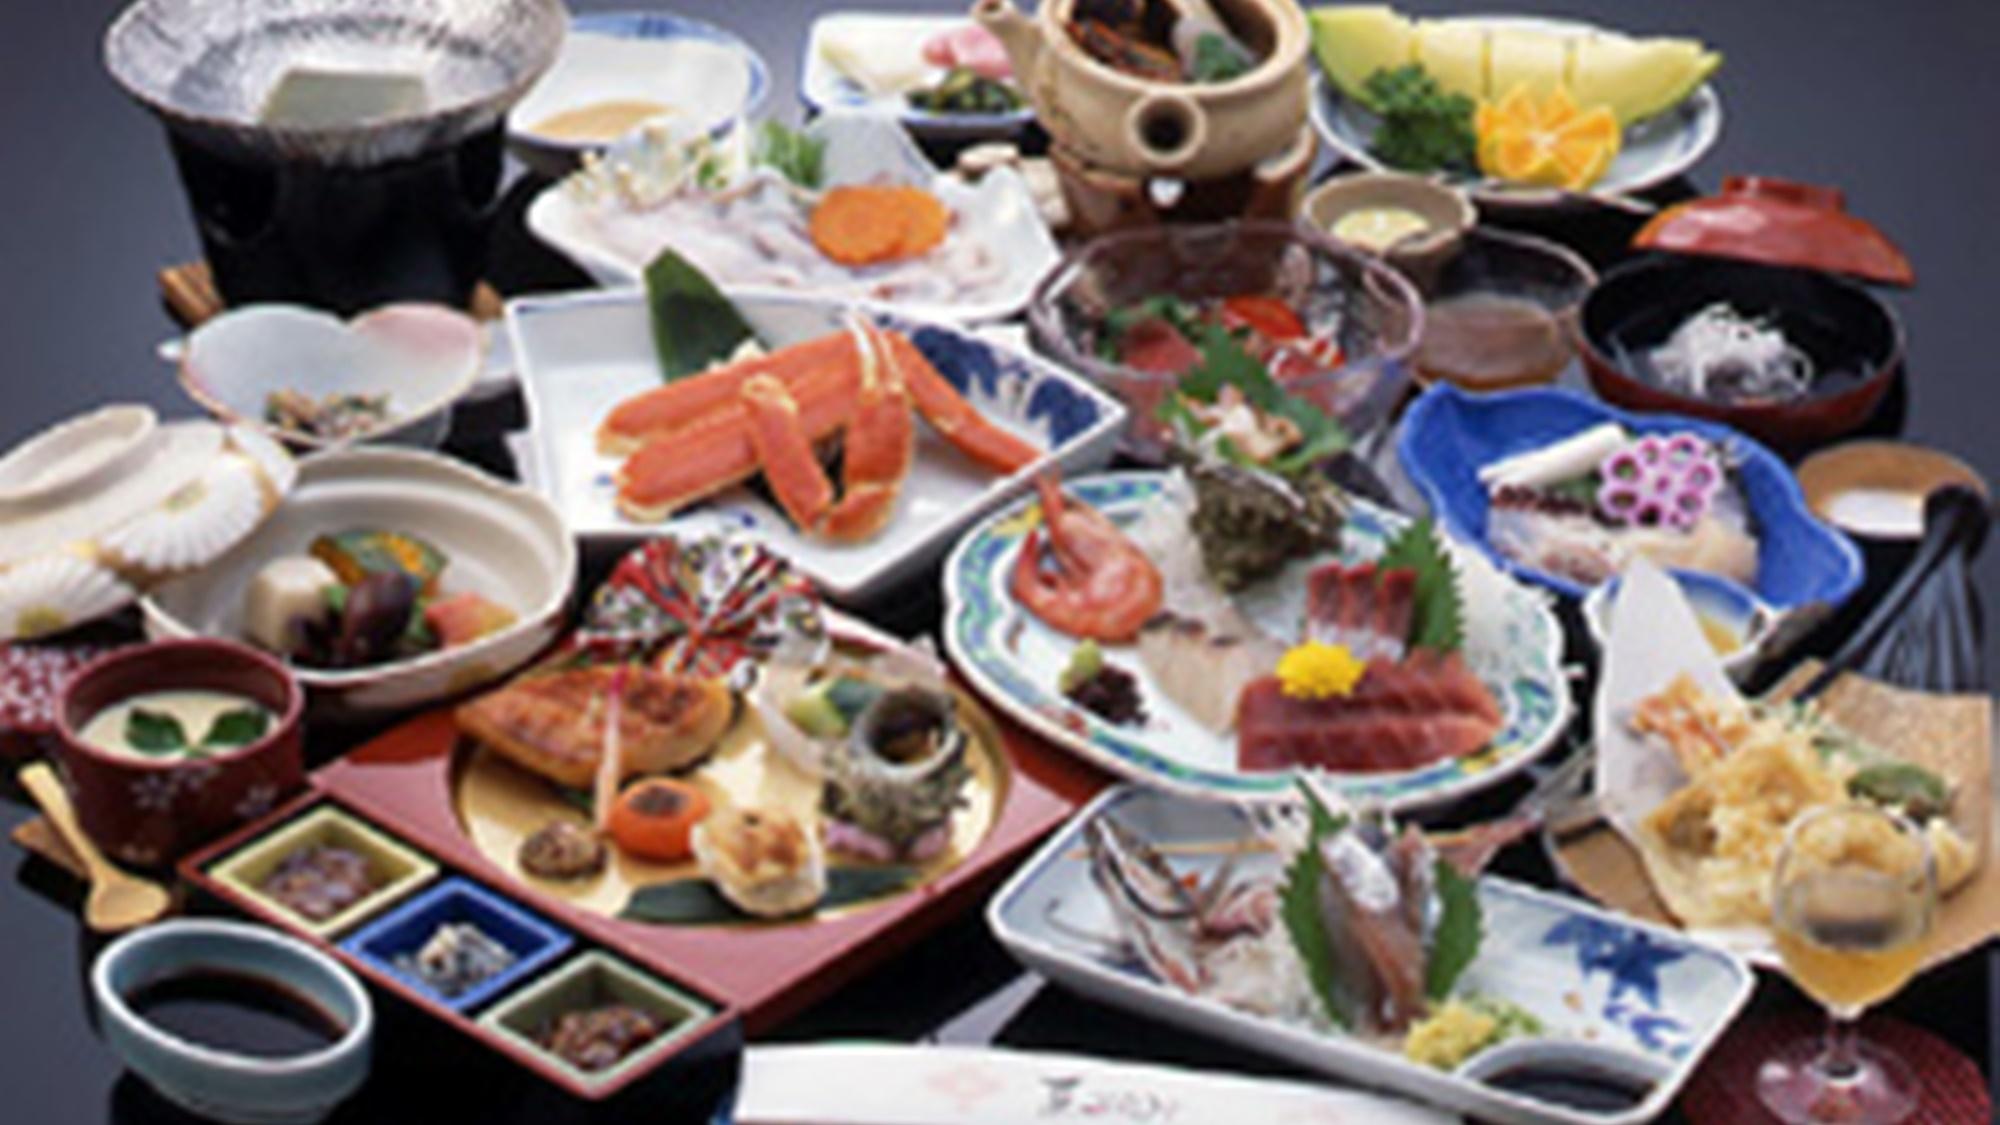 人気のお料理をグレードUP★ズワイ蟹半身付で13品(1泊2食付C)